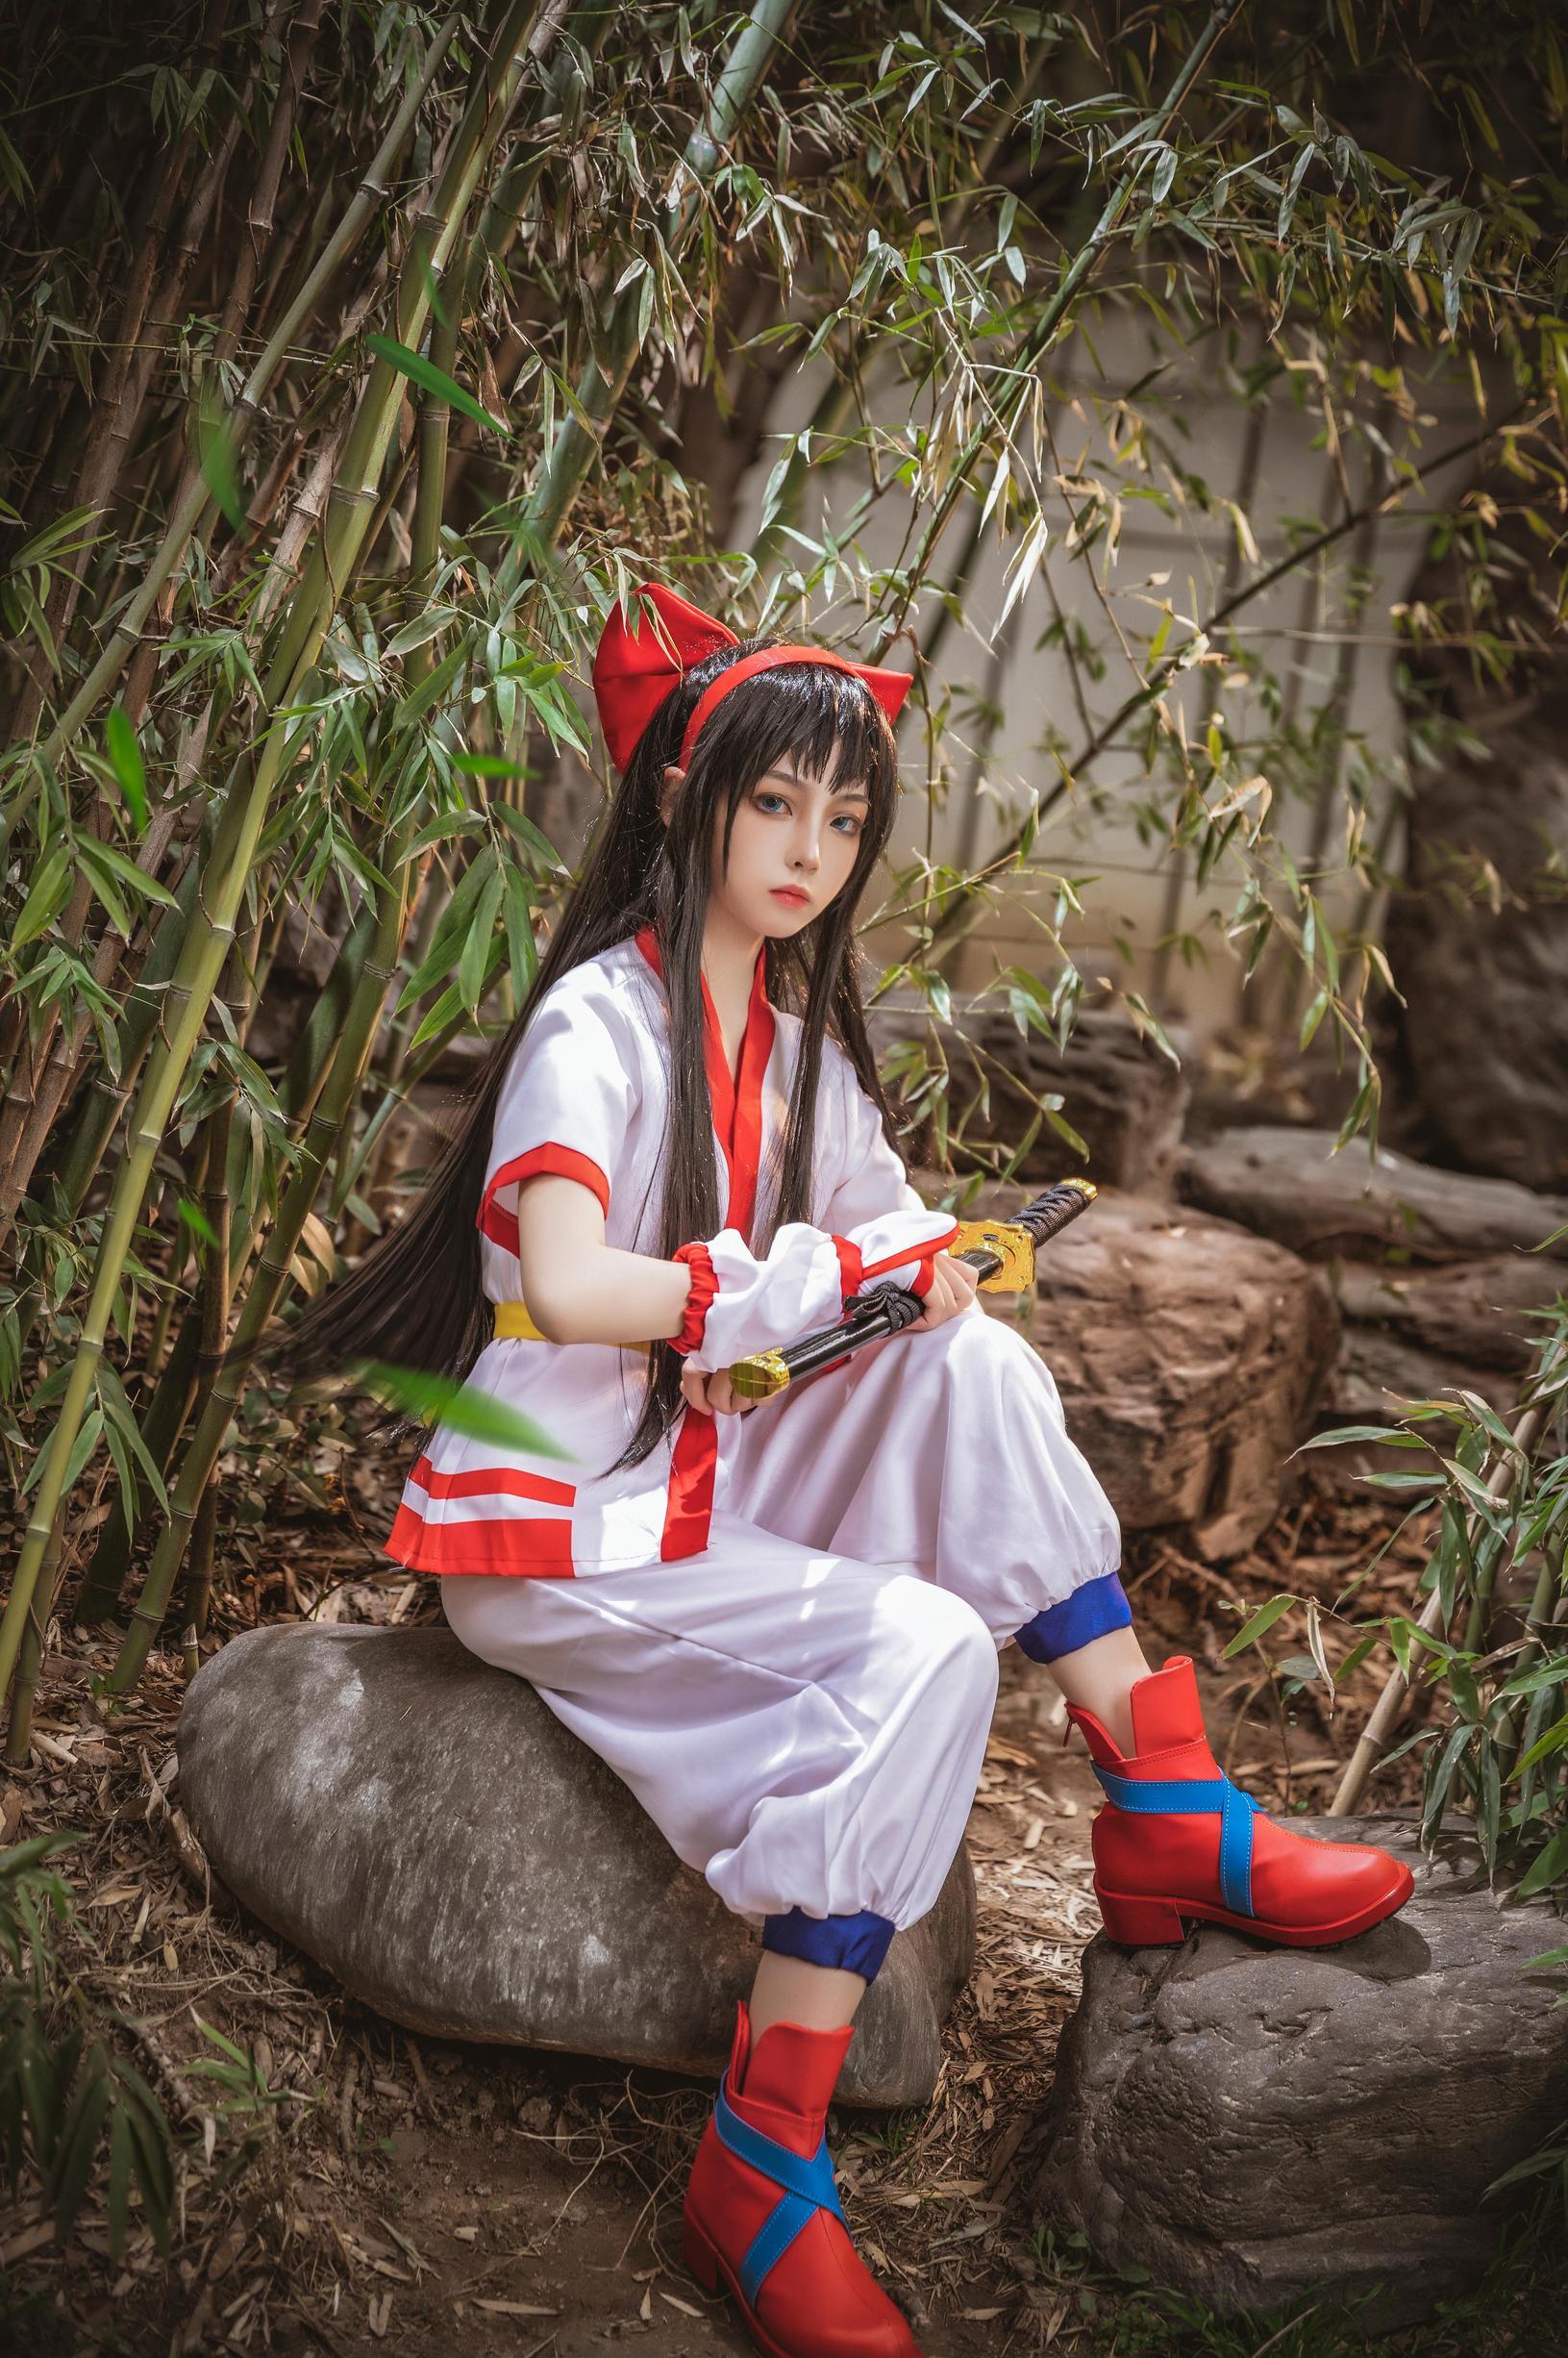 王者荣耀cosplay【CN:仙贝w】 -d伯爵cosplay图片插图